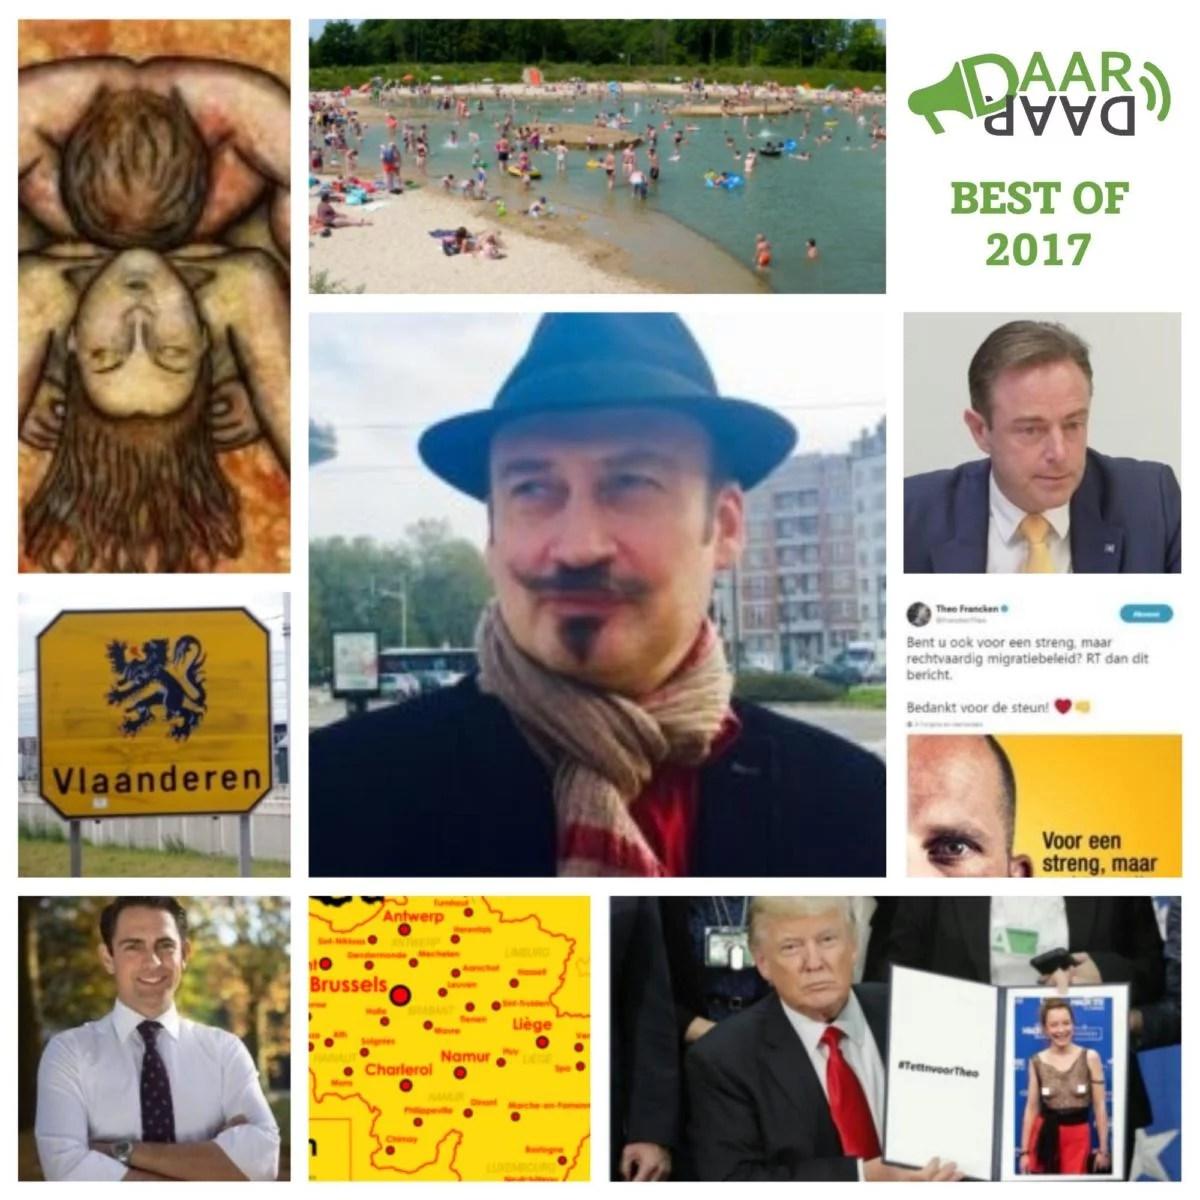 Quels sont les 10 articles les plus lus sur DaarDaar en 2017?